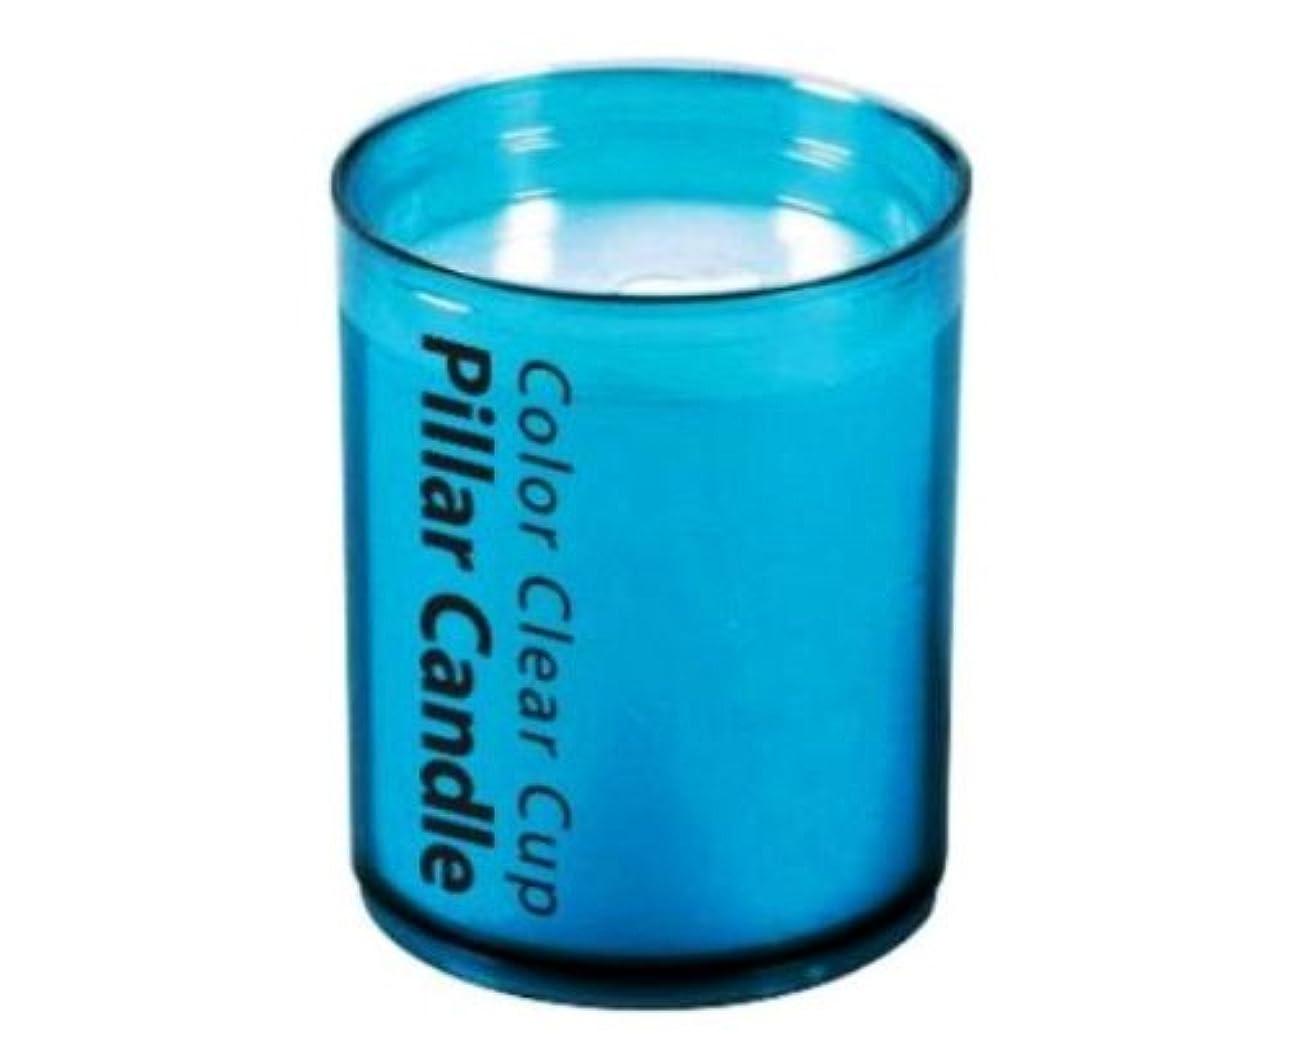 フィドルオリエンテーション定期的なカメヤマ カラークリアカップピラー3インチ ブルー